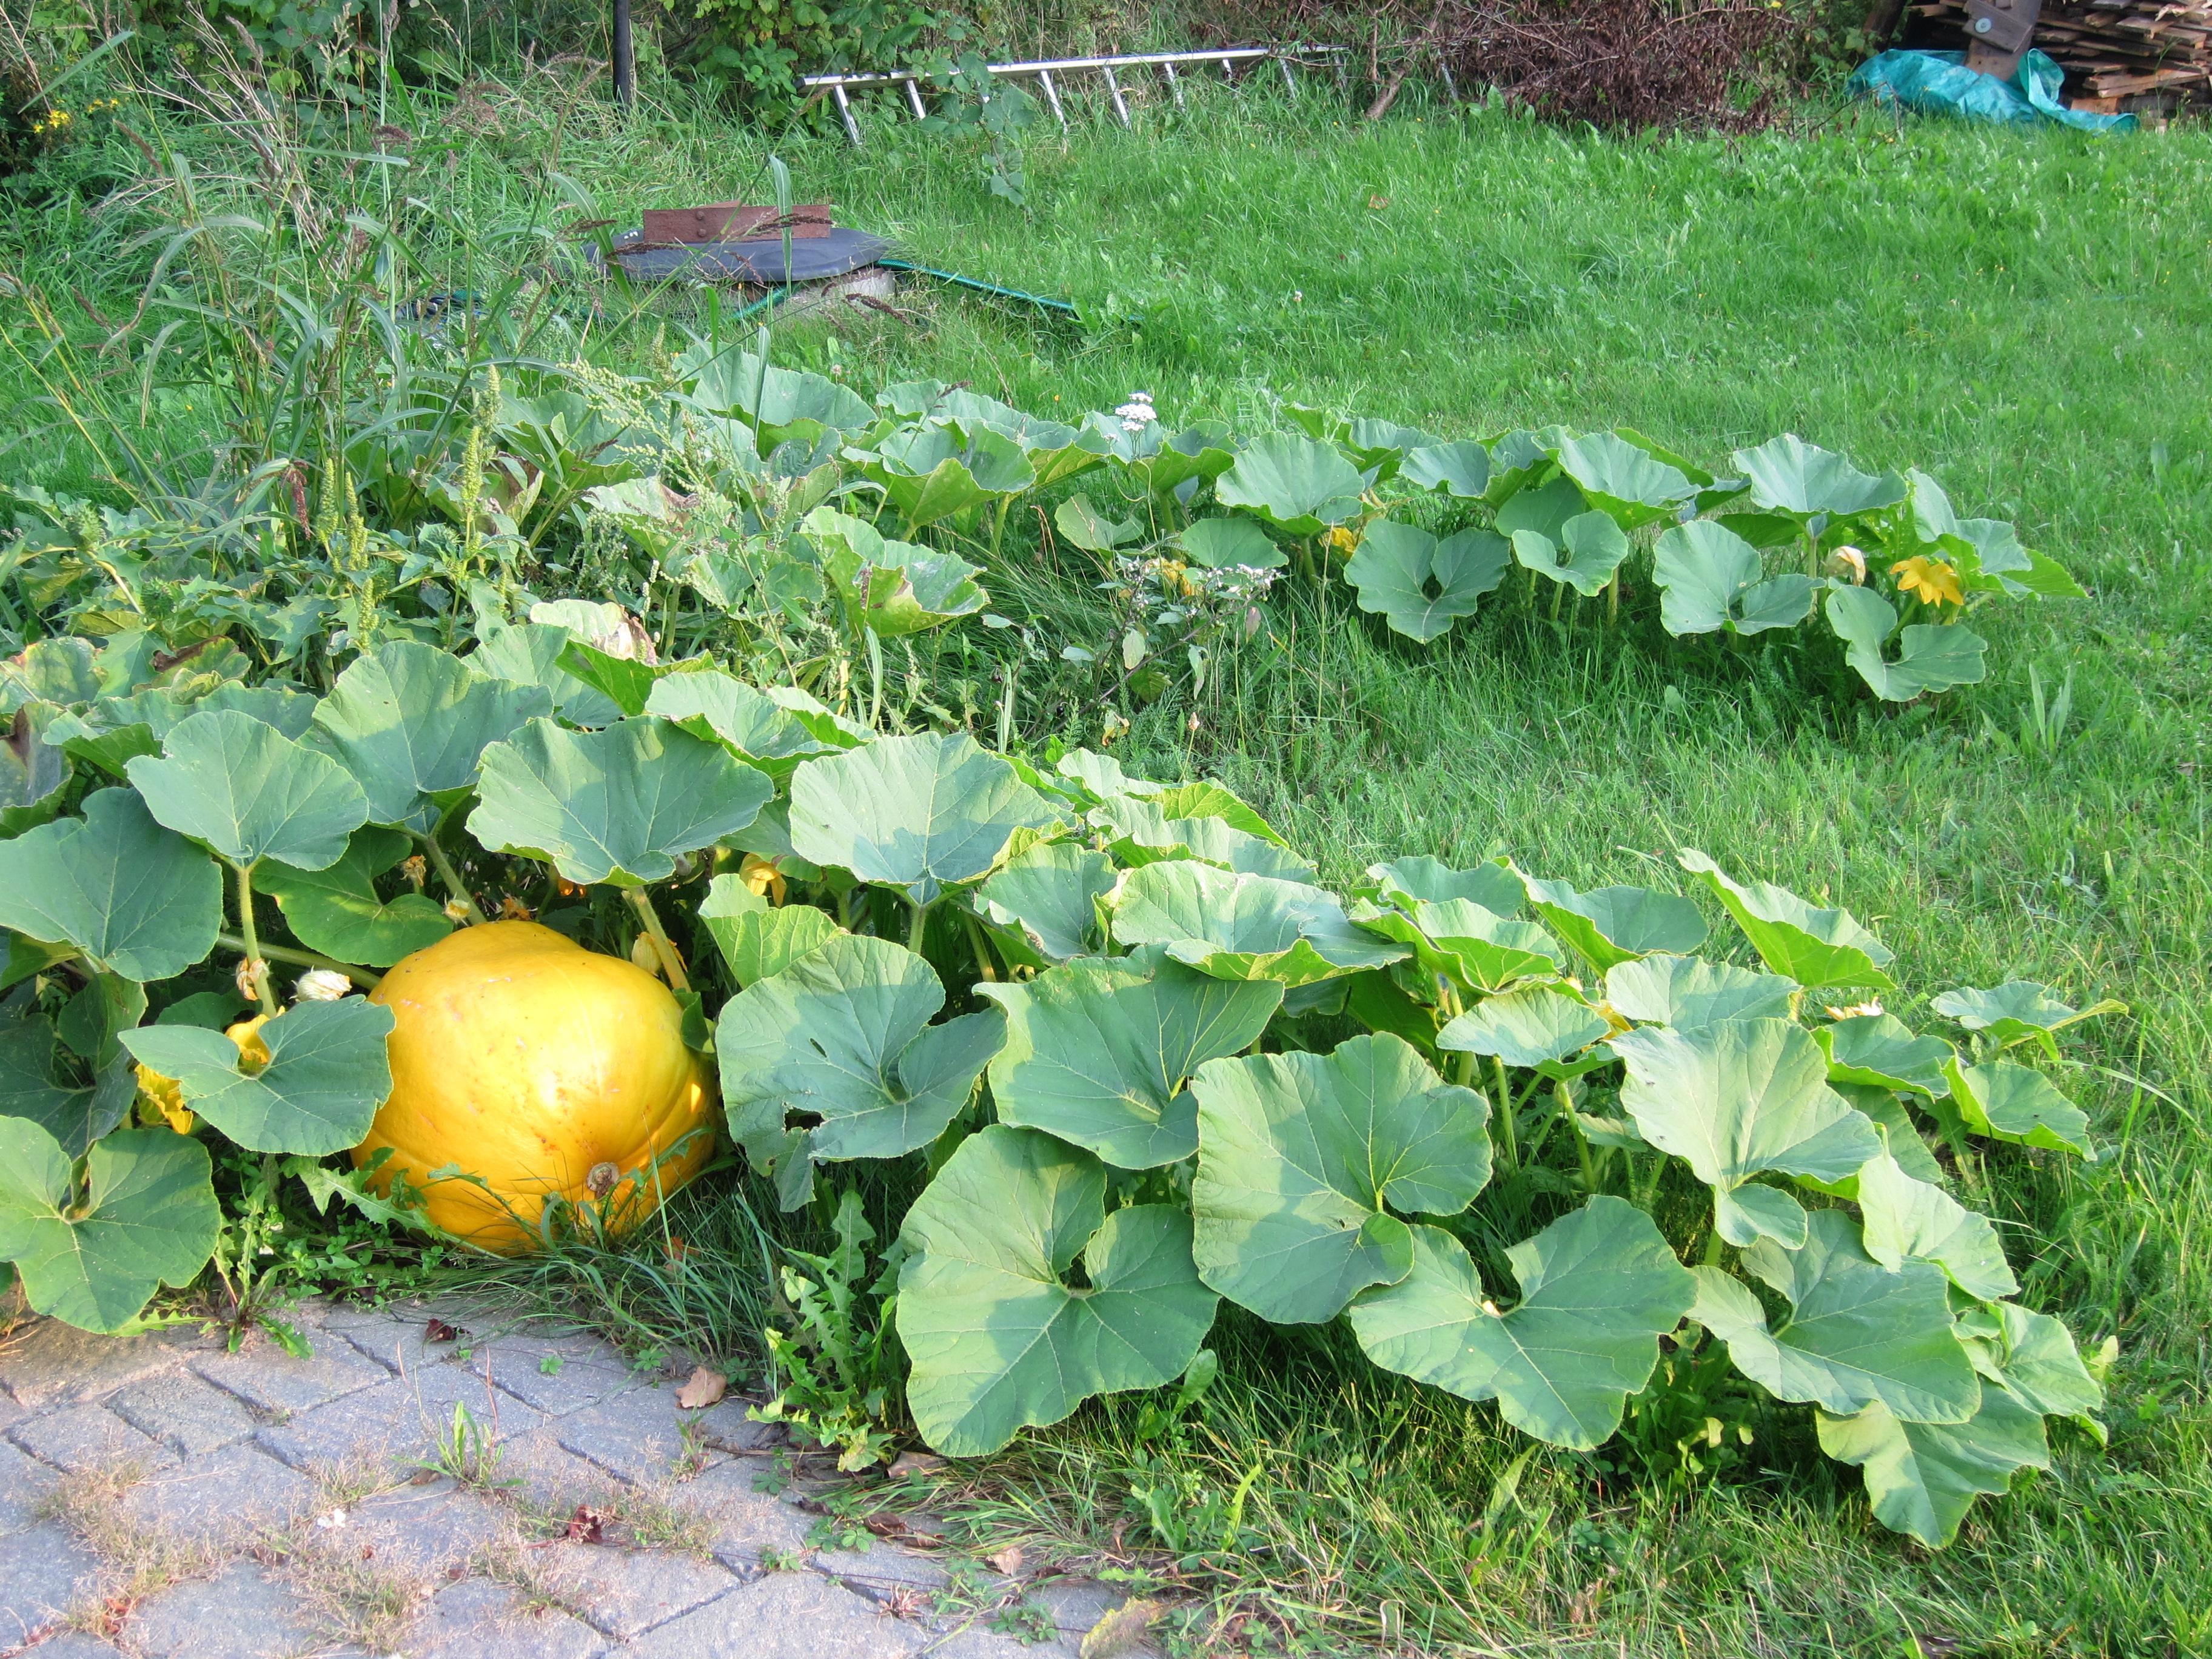 Lichtenberg Walnuts Pumpkins Corn And A Recipe